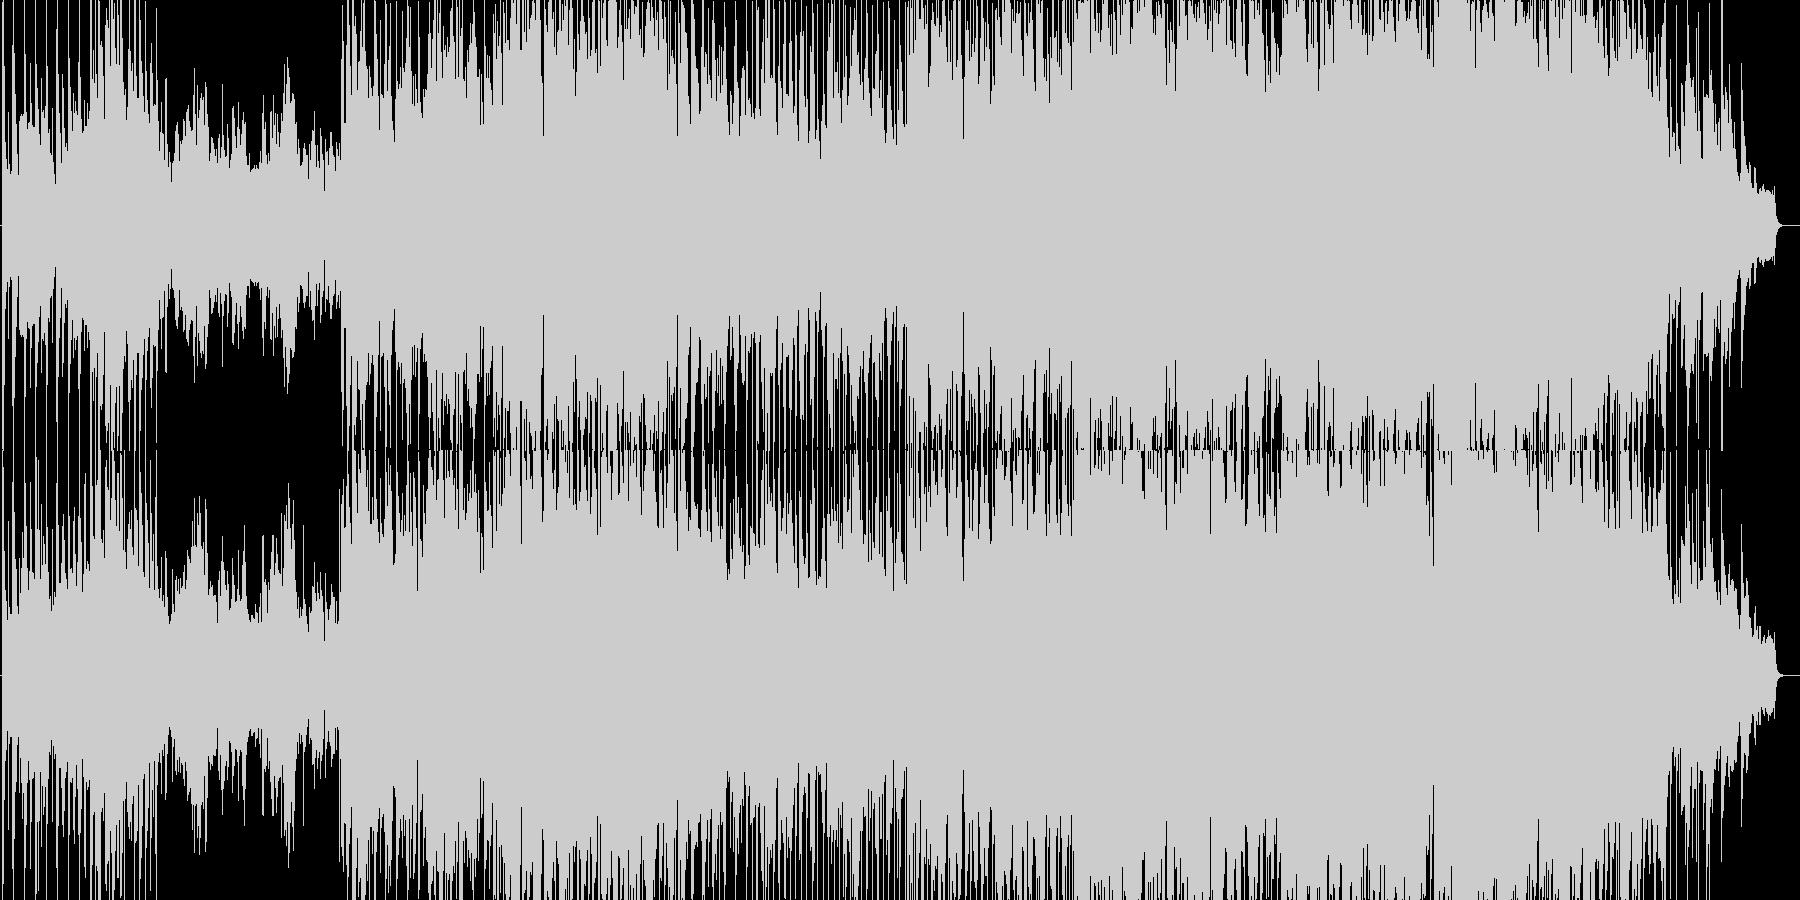 ゆったりとしたメロディのポップバラードの未再生の波形